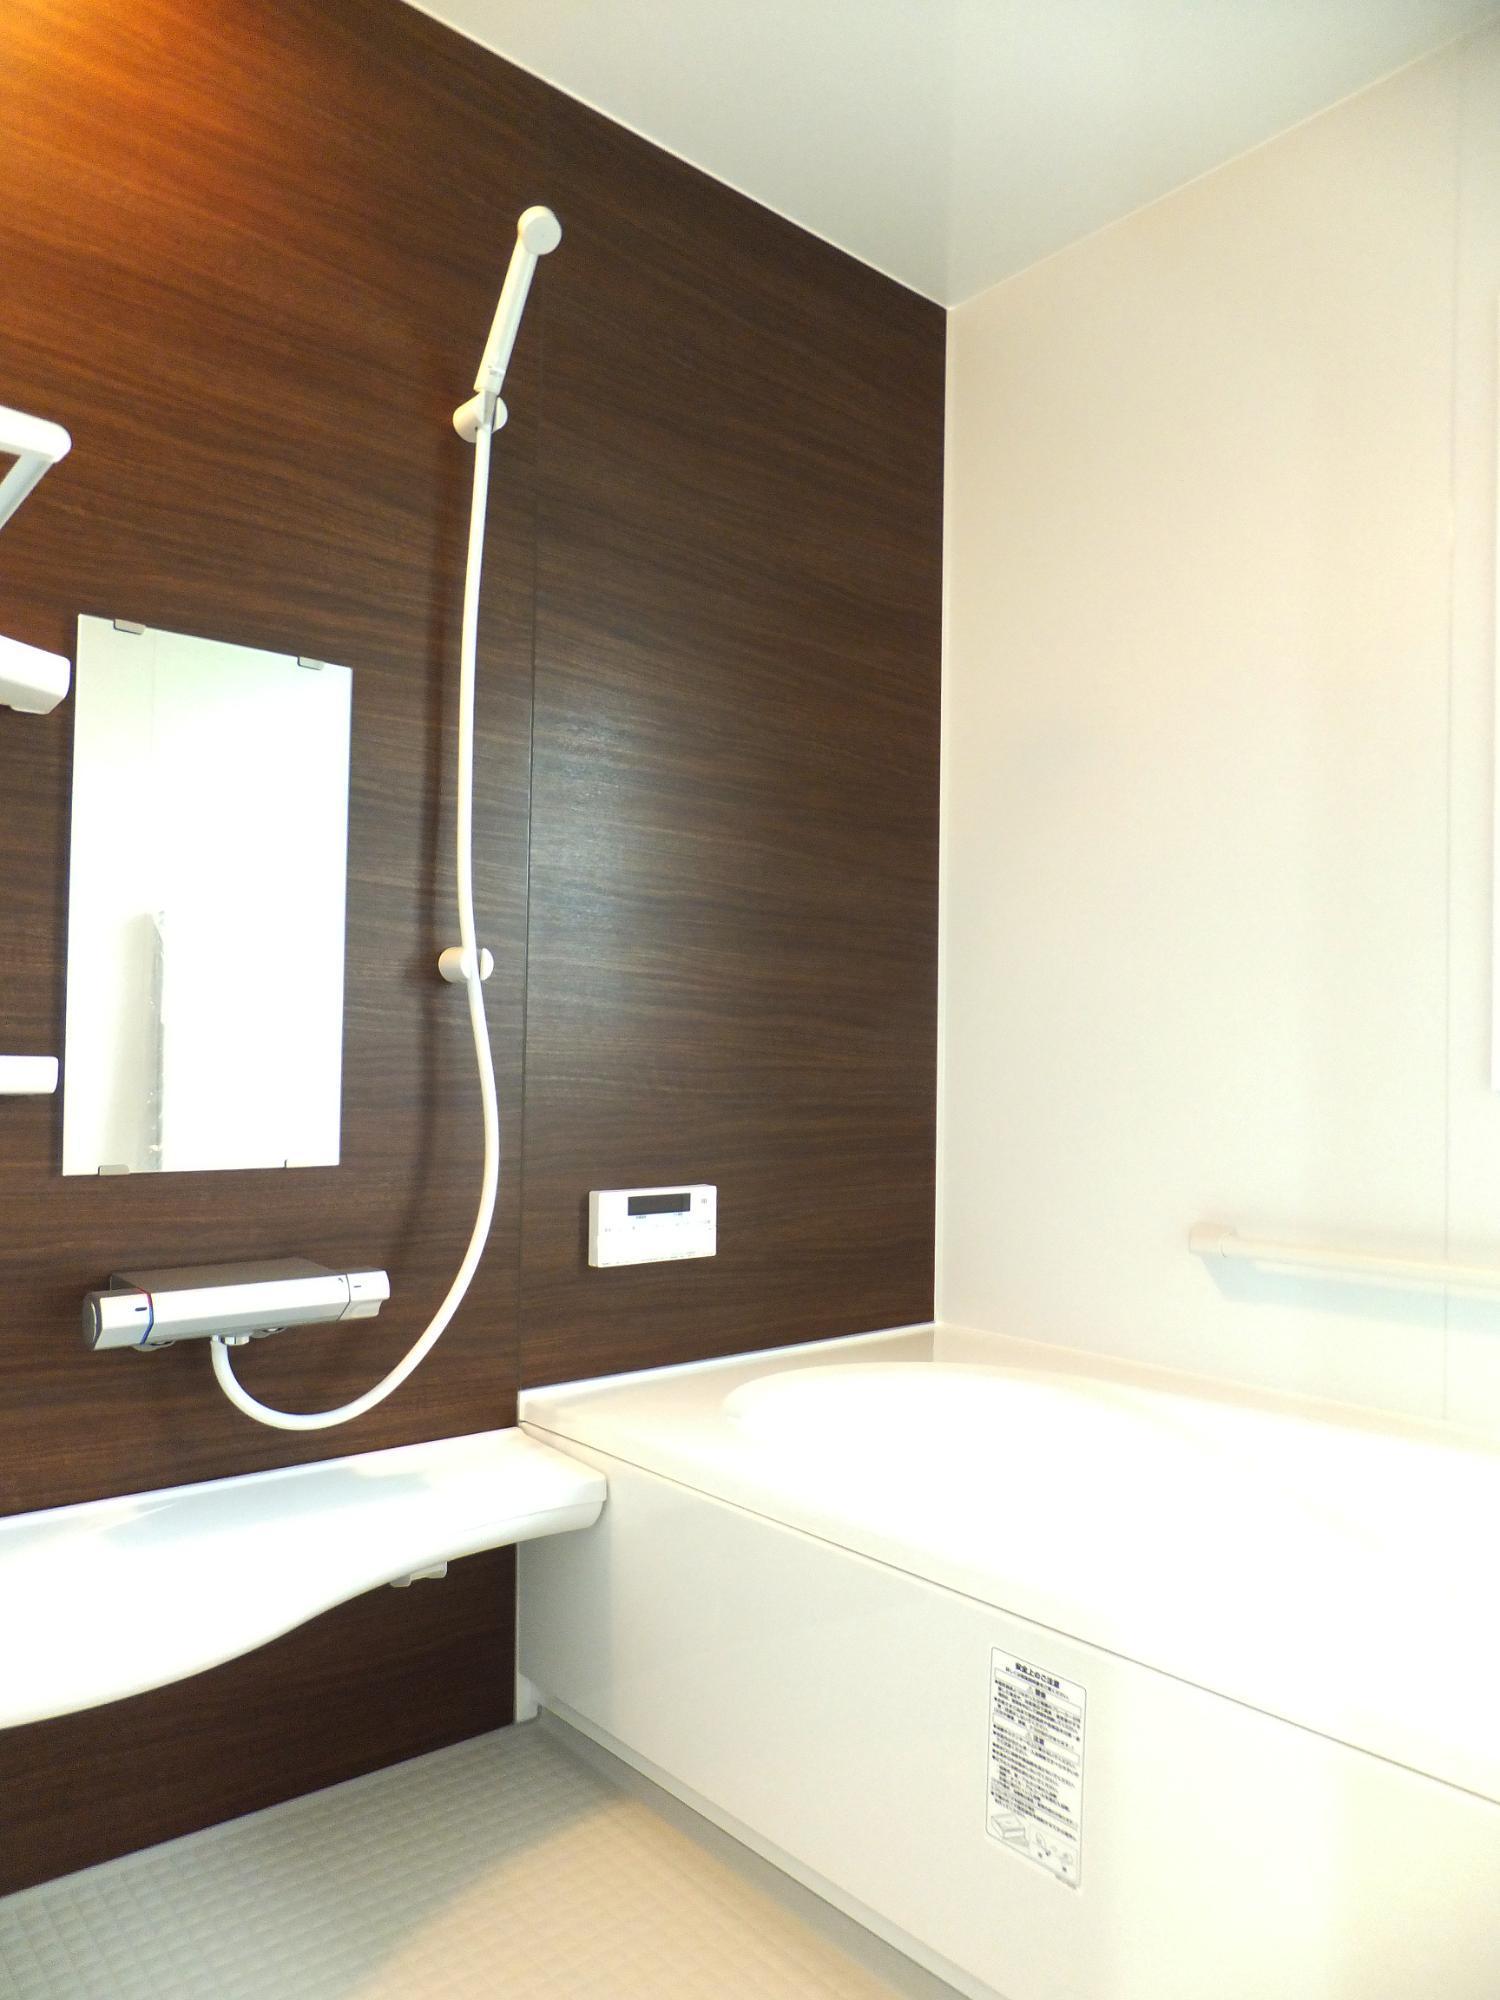 株式会社ハンズワタベ「趣味のロードバイクを家でも楽しむ」のモダンな風呂・浴室の実例写真